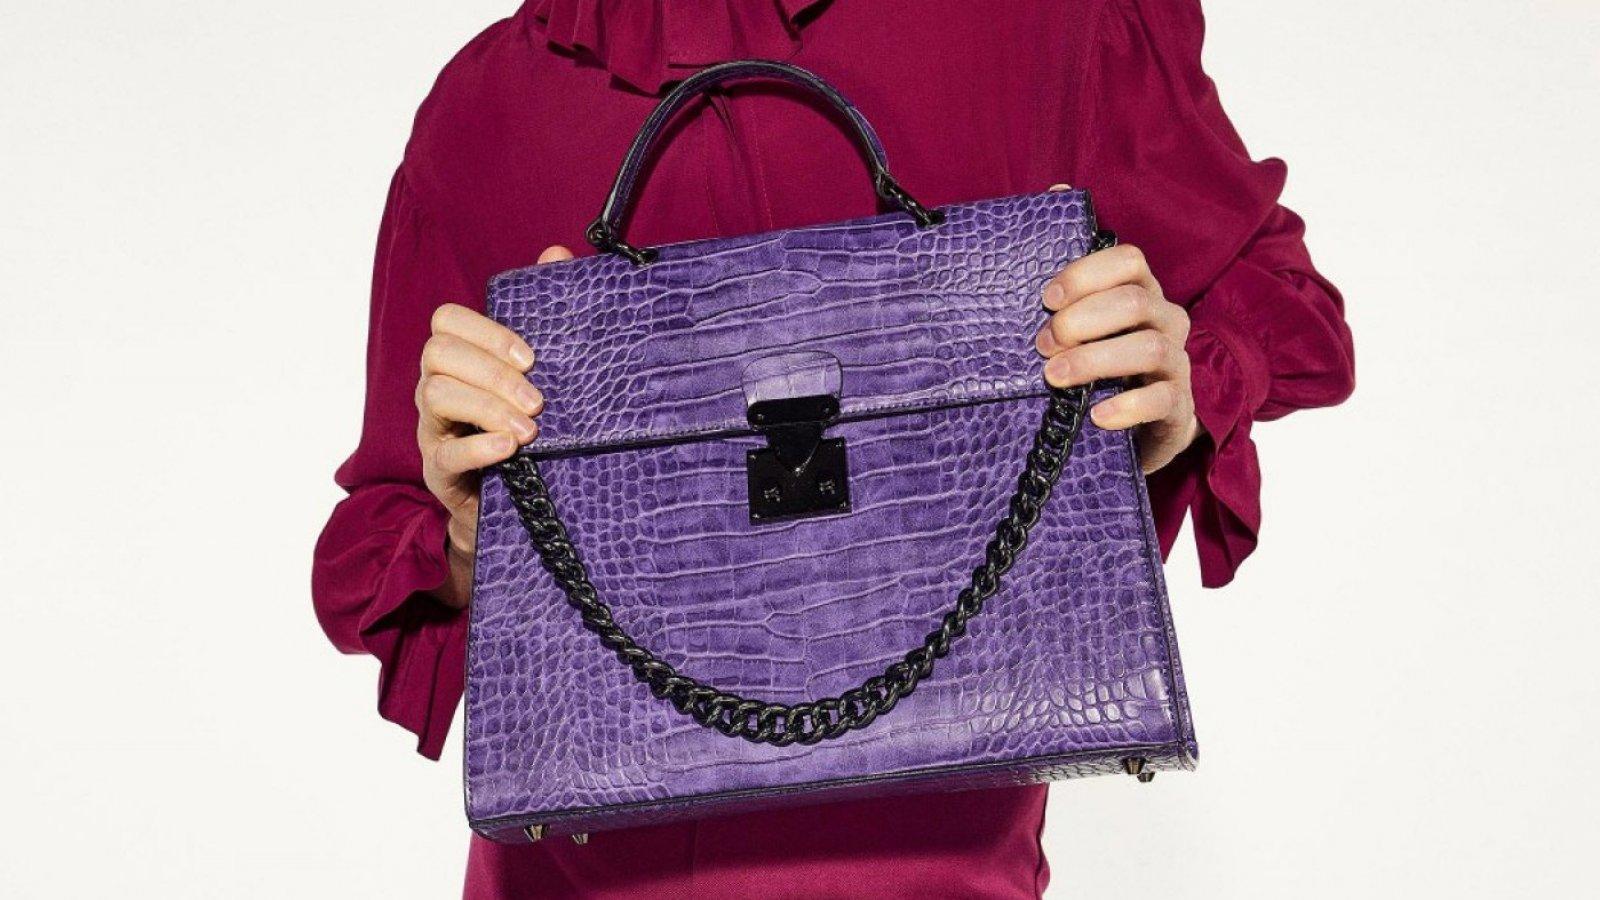 Bolso Coco Imagen color 'Ultra Violet' de Sfera, por 39,99 euros